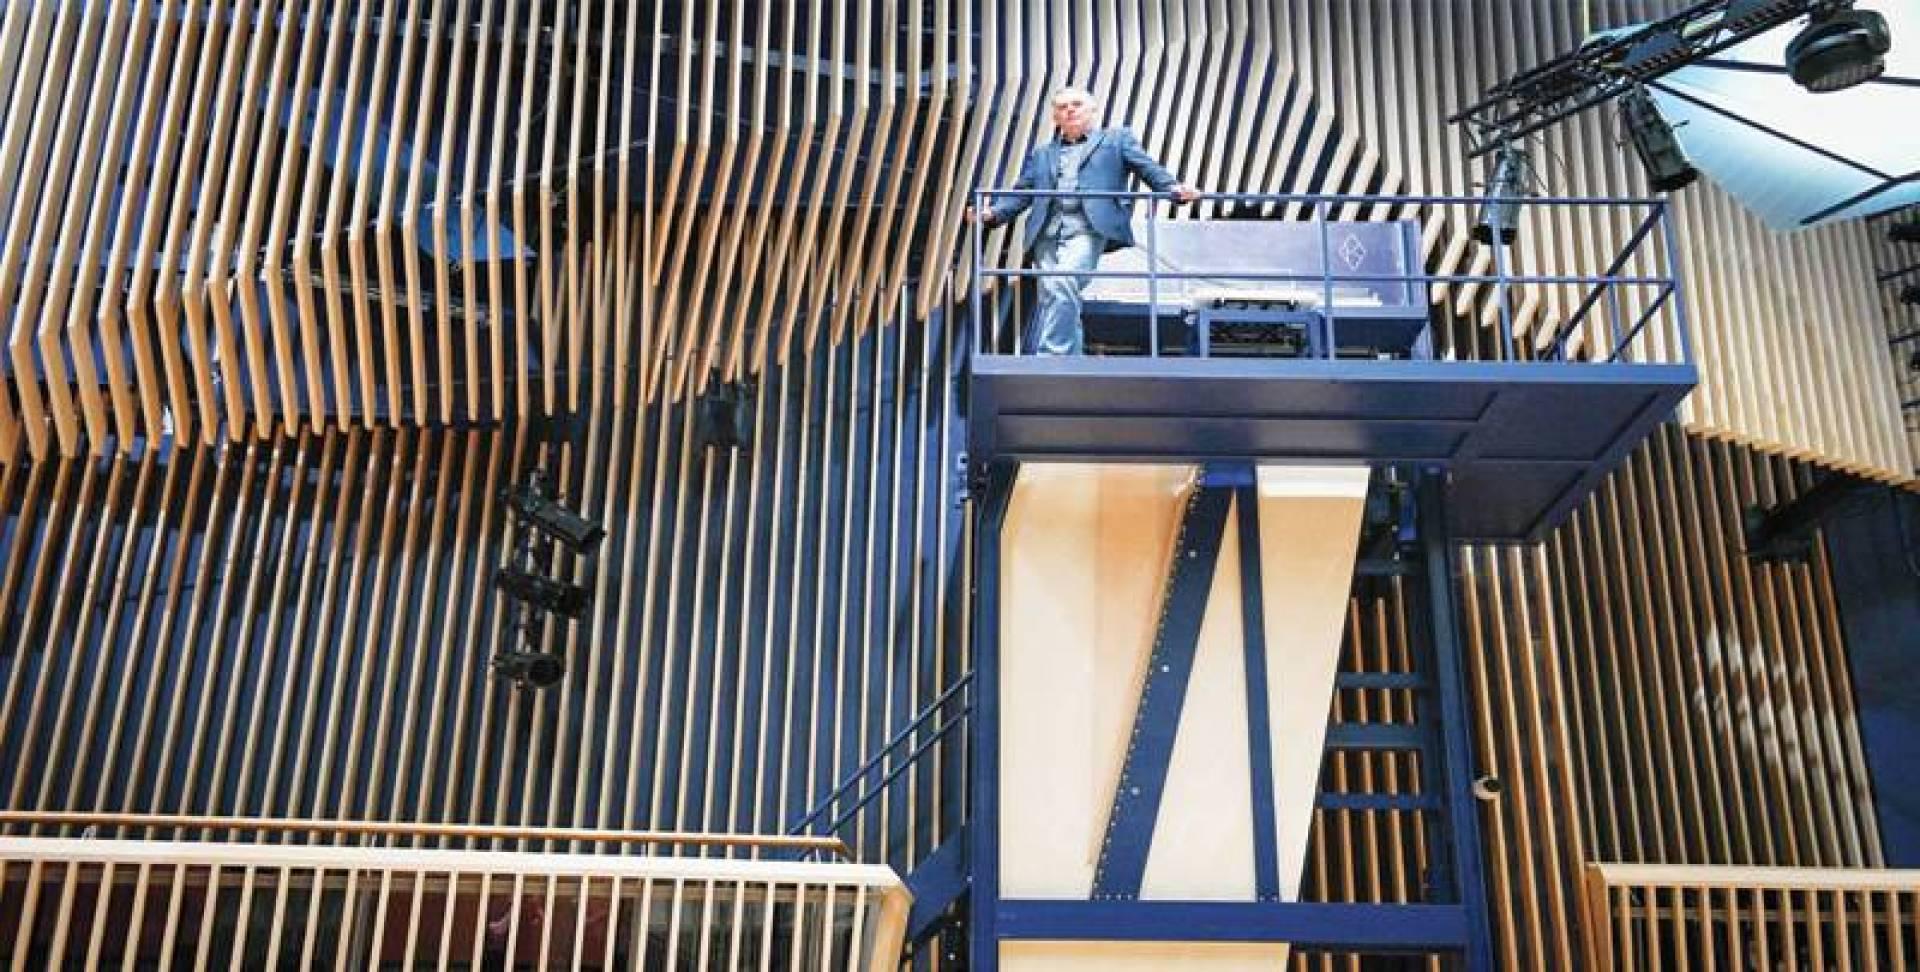 أكبر بيانو في العالم.. يحتاج إلى سلّم!